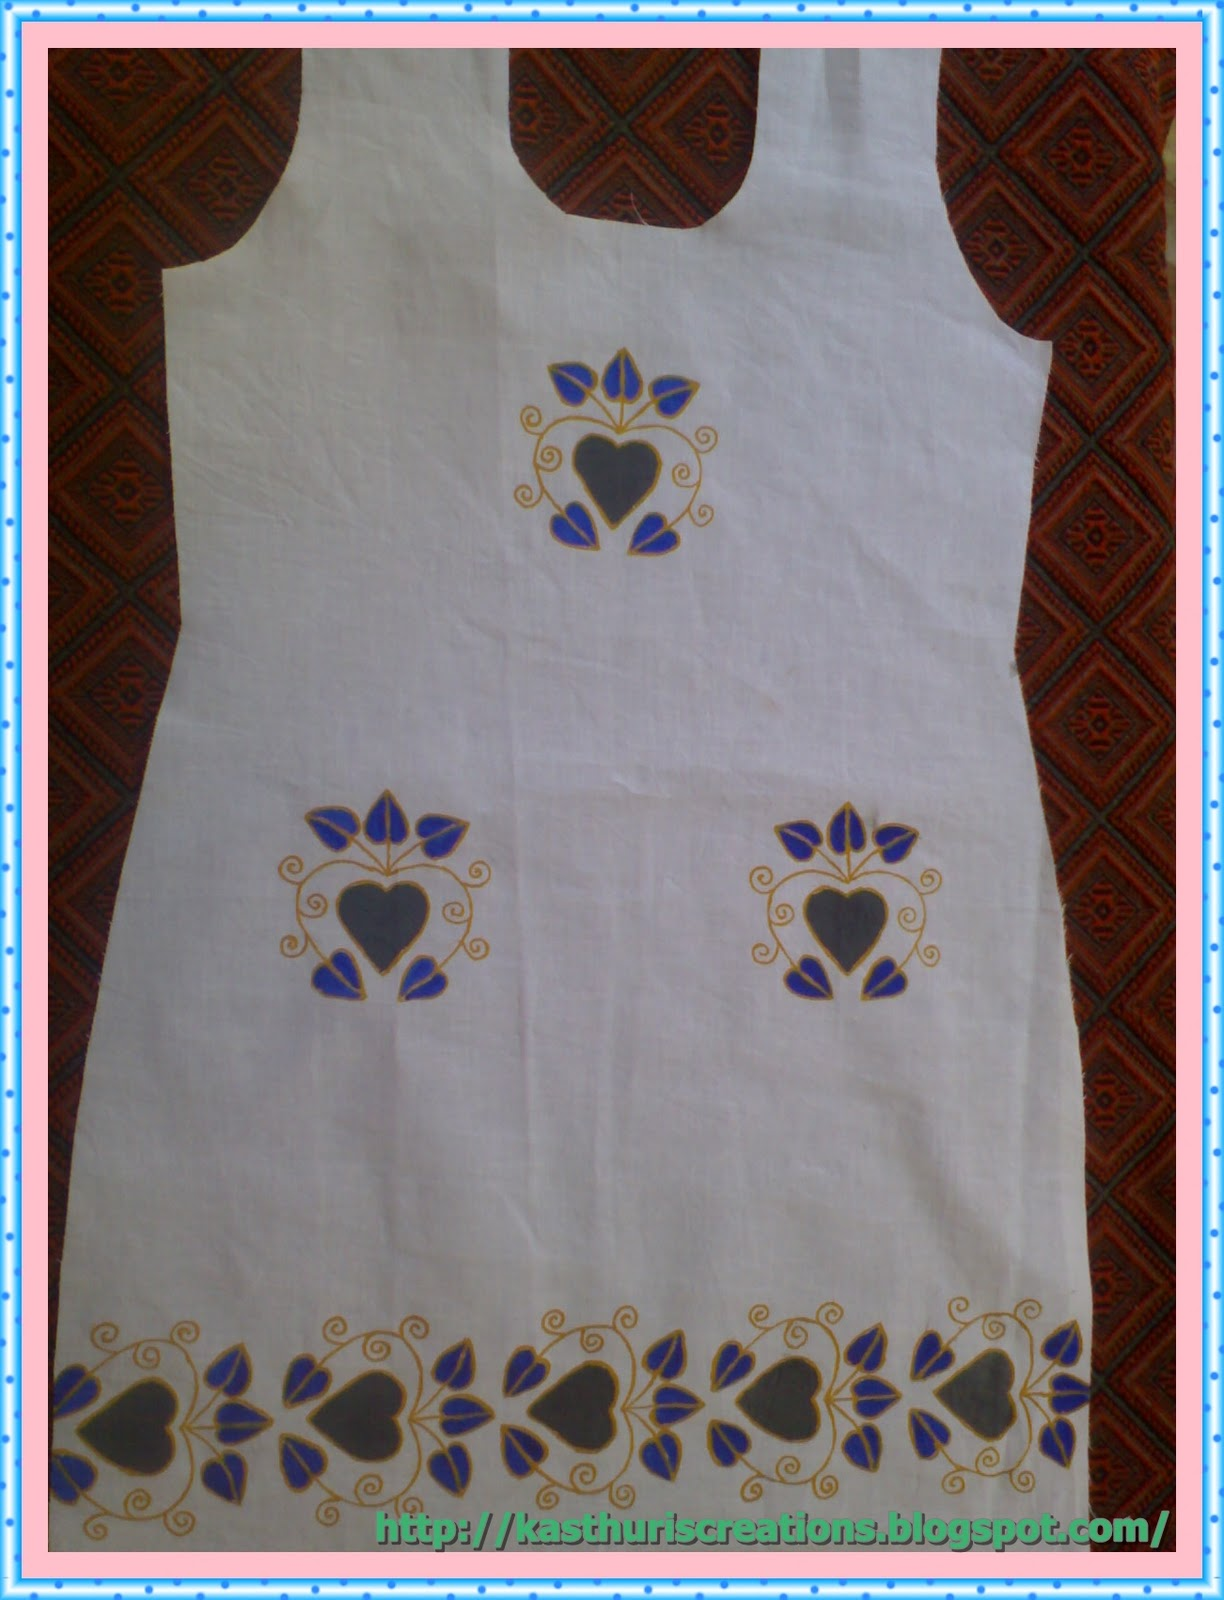 MaNiKa: Fabric painting in Kurti,Frock